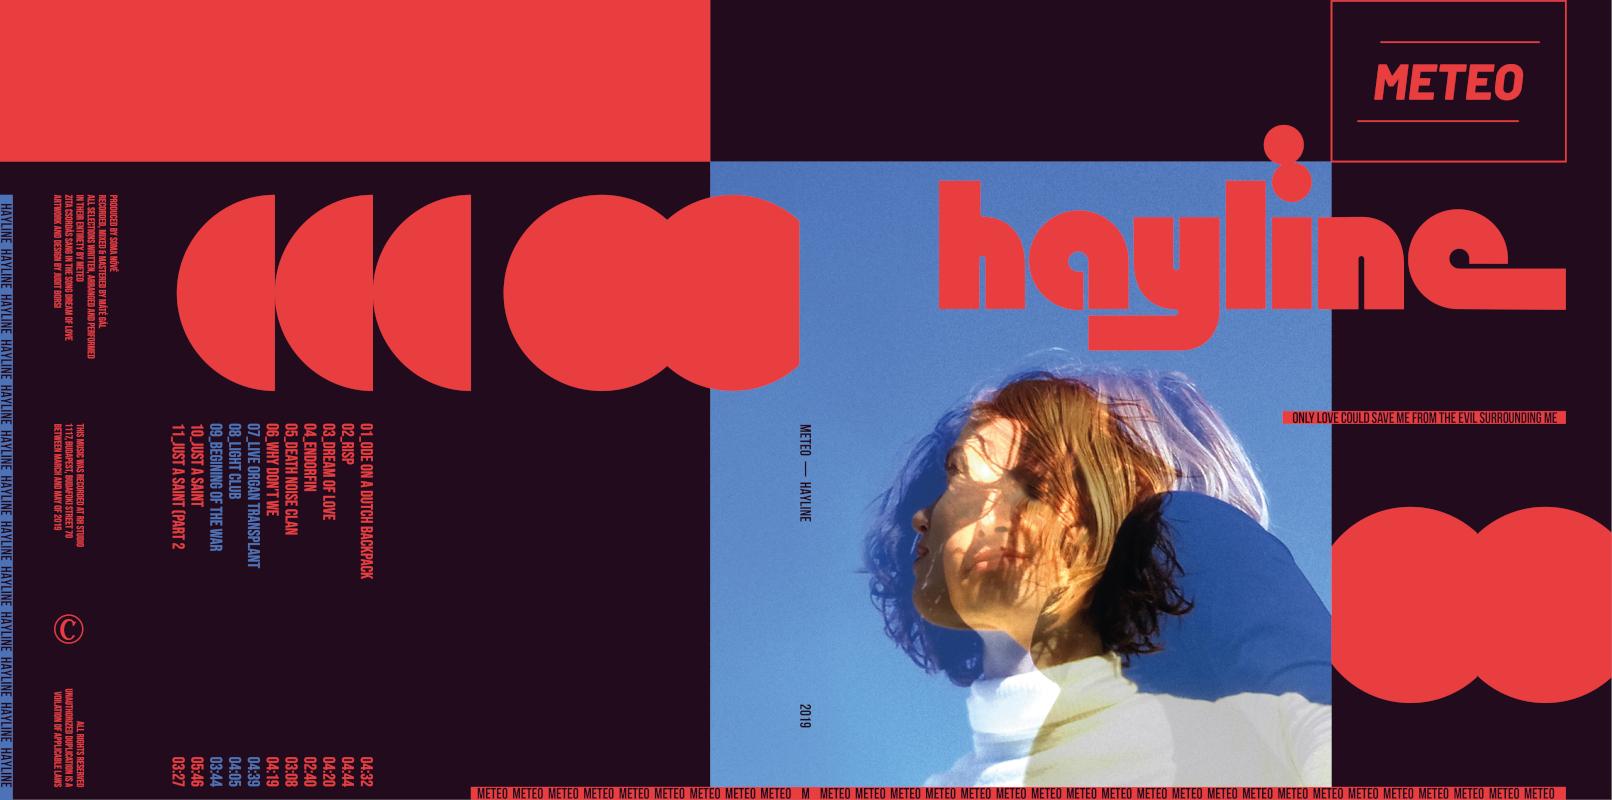 Meteo: Hayline (borító)